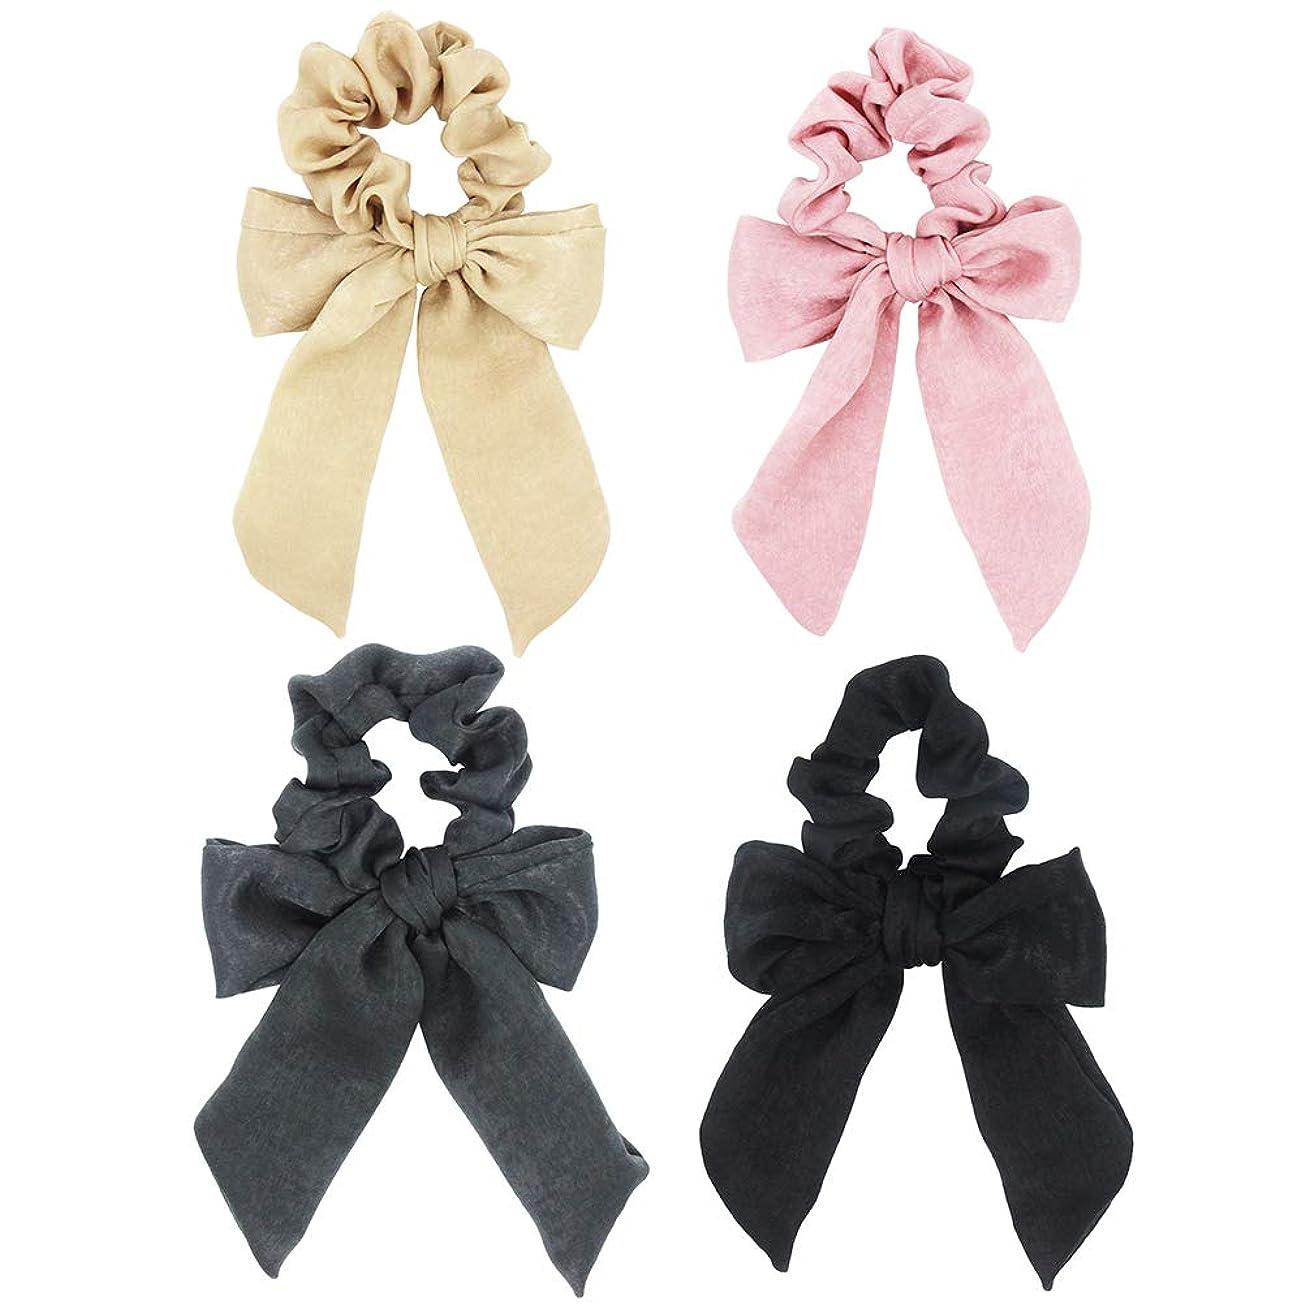 反動バッジホストFrcolor ヘアアクセサリーちょう結び弾性布シームレスヘアループヘアゴム女性4個(黒、ベージュ、グレー、ライトピンク)